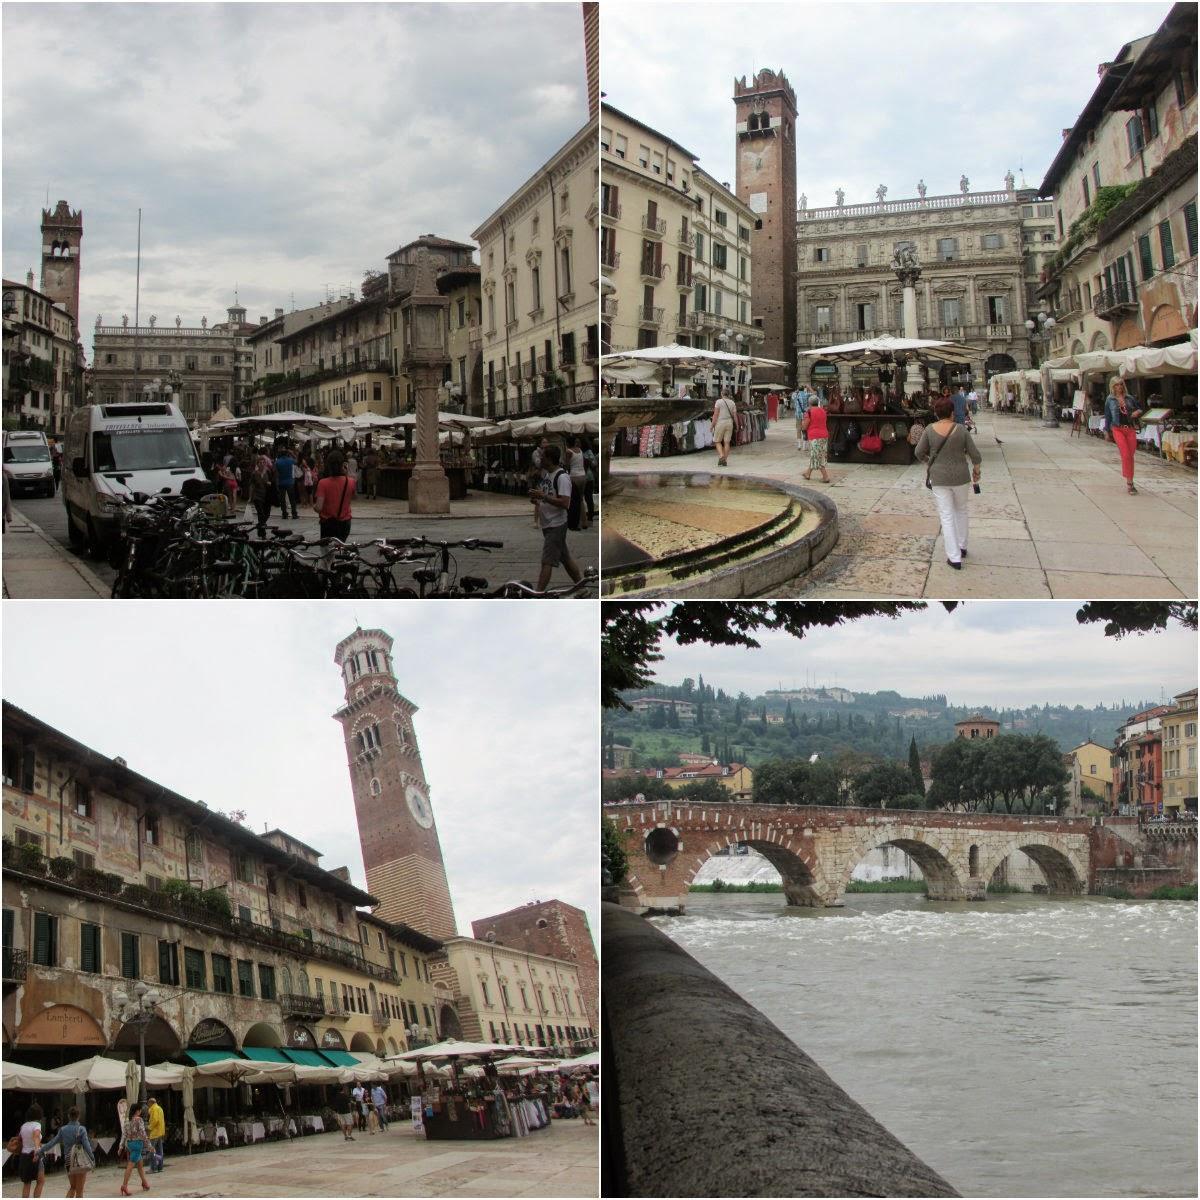 Itália, Verona, Centro, praça, Piazza Delle Erbe